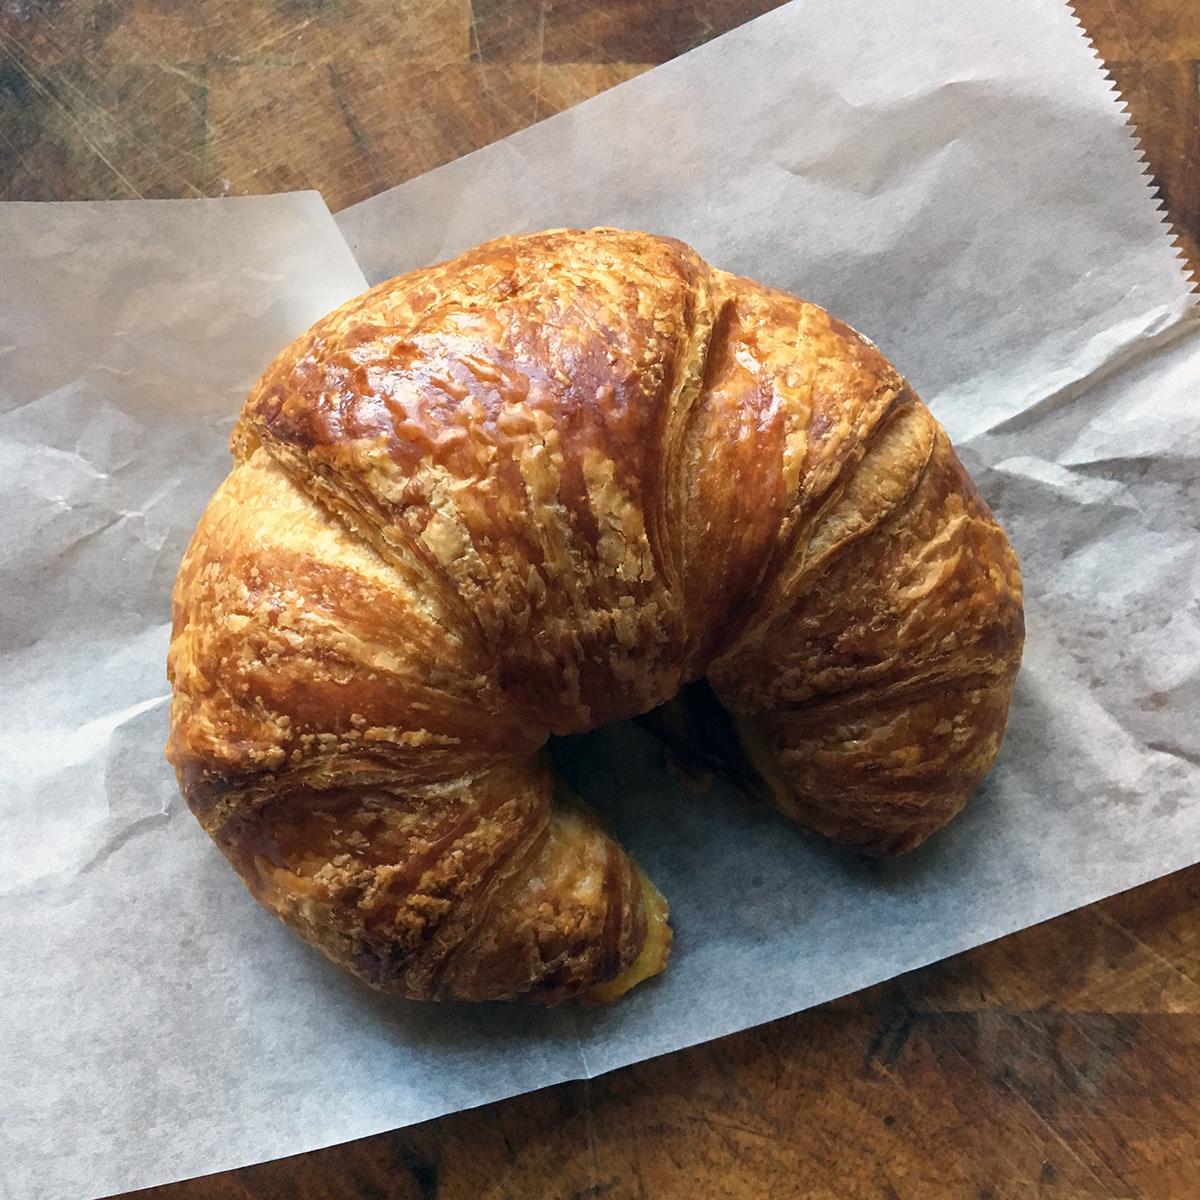 Nova's Bakery is, hands down, the freshest croissant in Matthews. - novasbakery.com3565 Matthews-Mint Hill Rd.M-F 6:30 AM - 7 PMSa-Su 8 - 7 PM